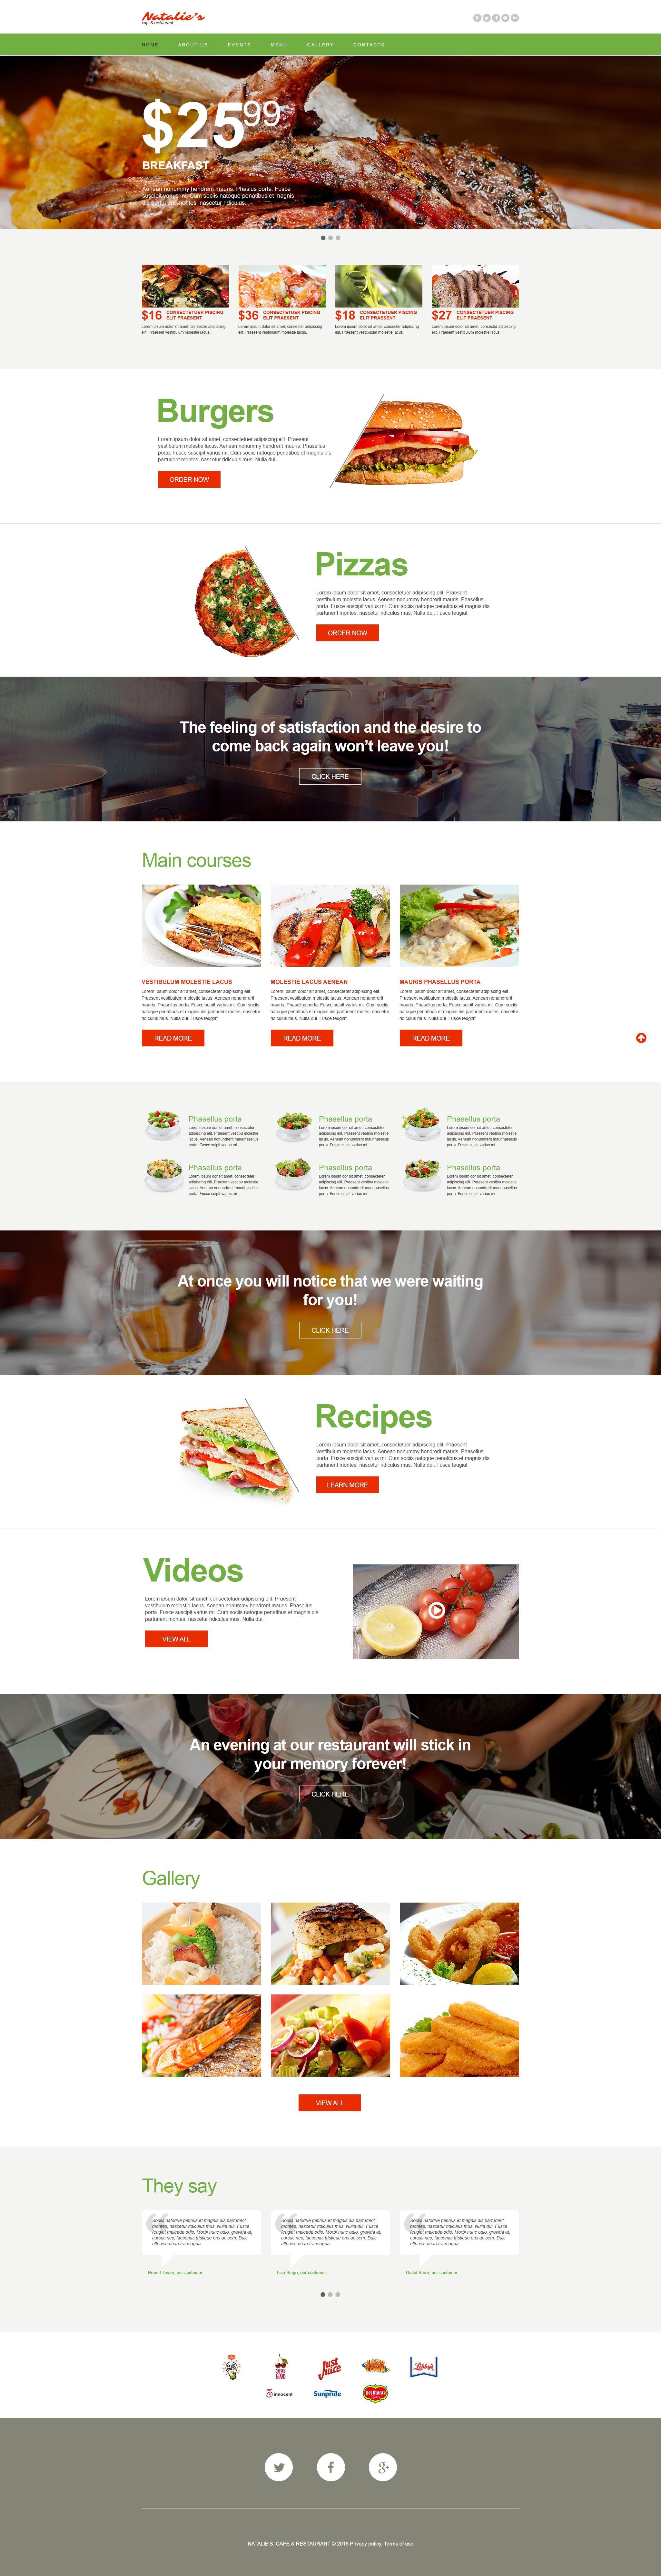 Modèle Muse pour site de café et restaurant #54781 - screenshot